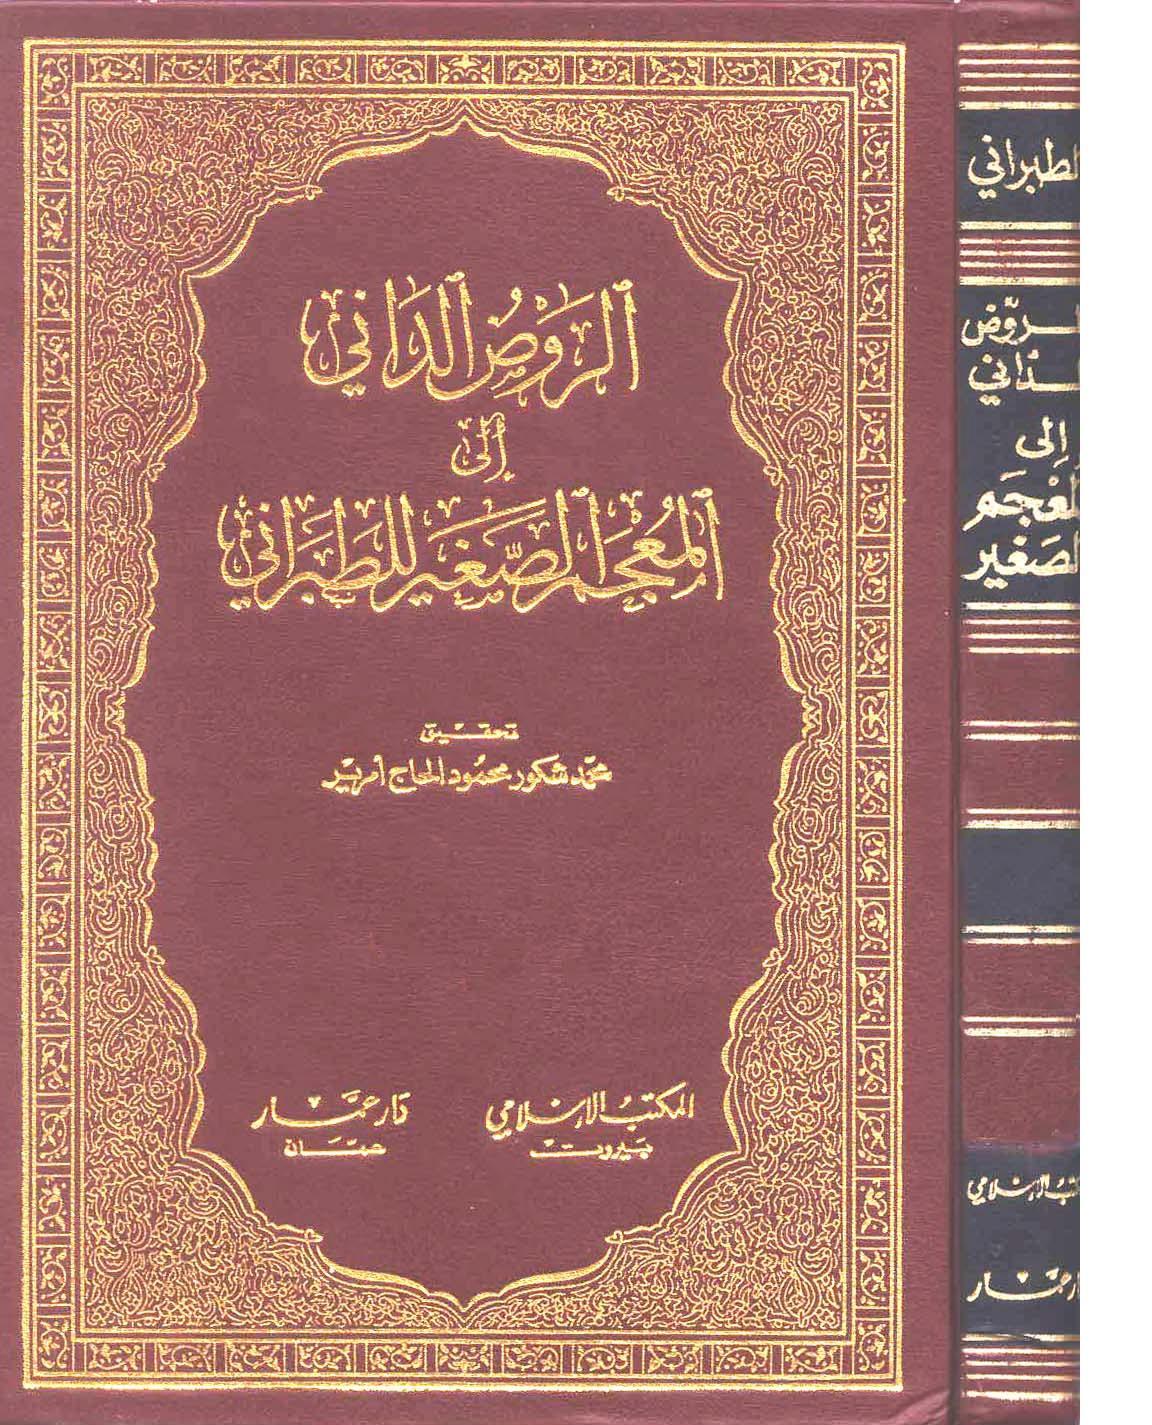 المعجم الفارسي الكبير pdf